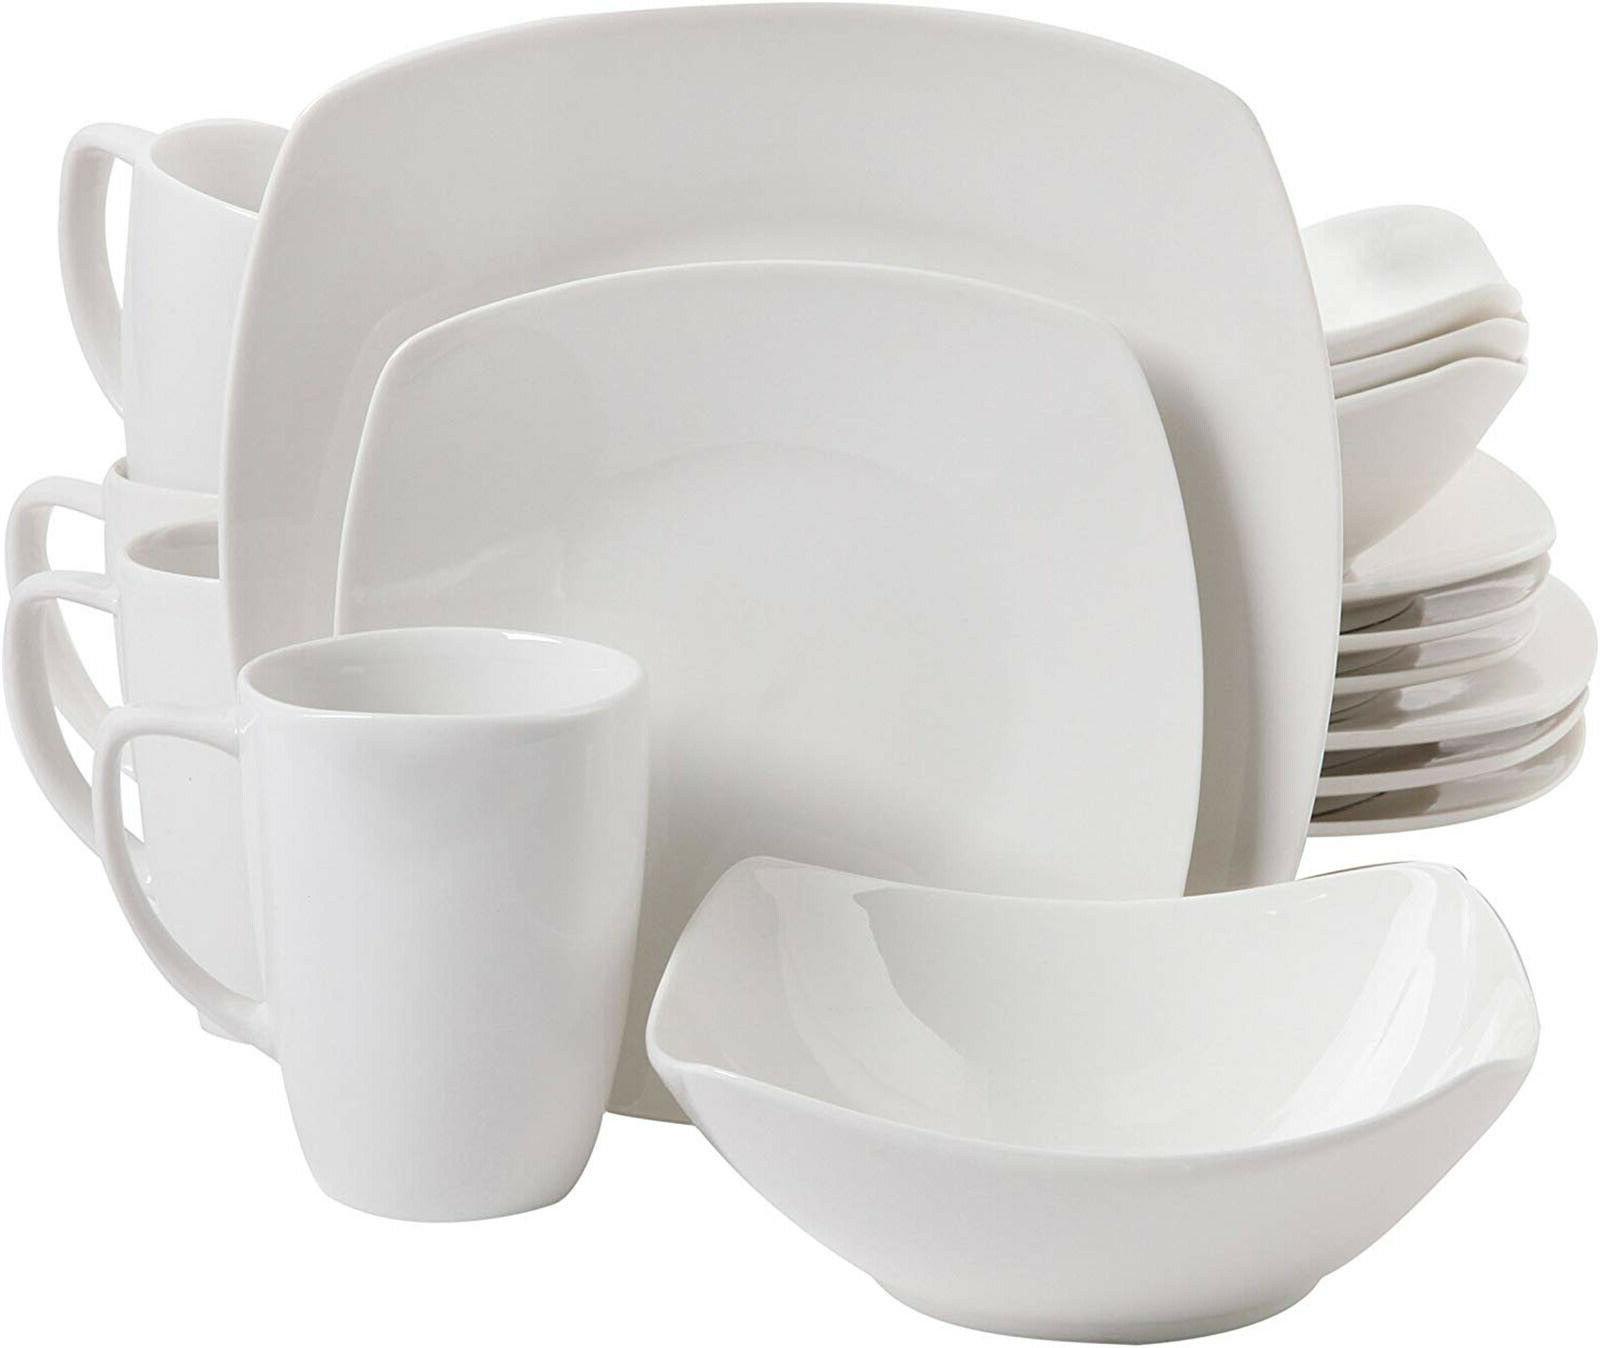 16 Piece Porcelain Set White Plates 4